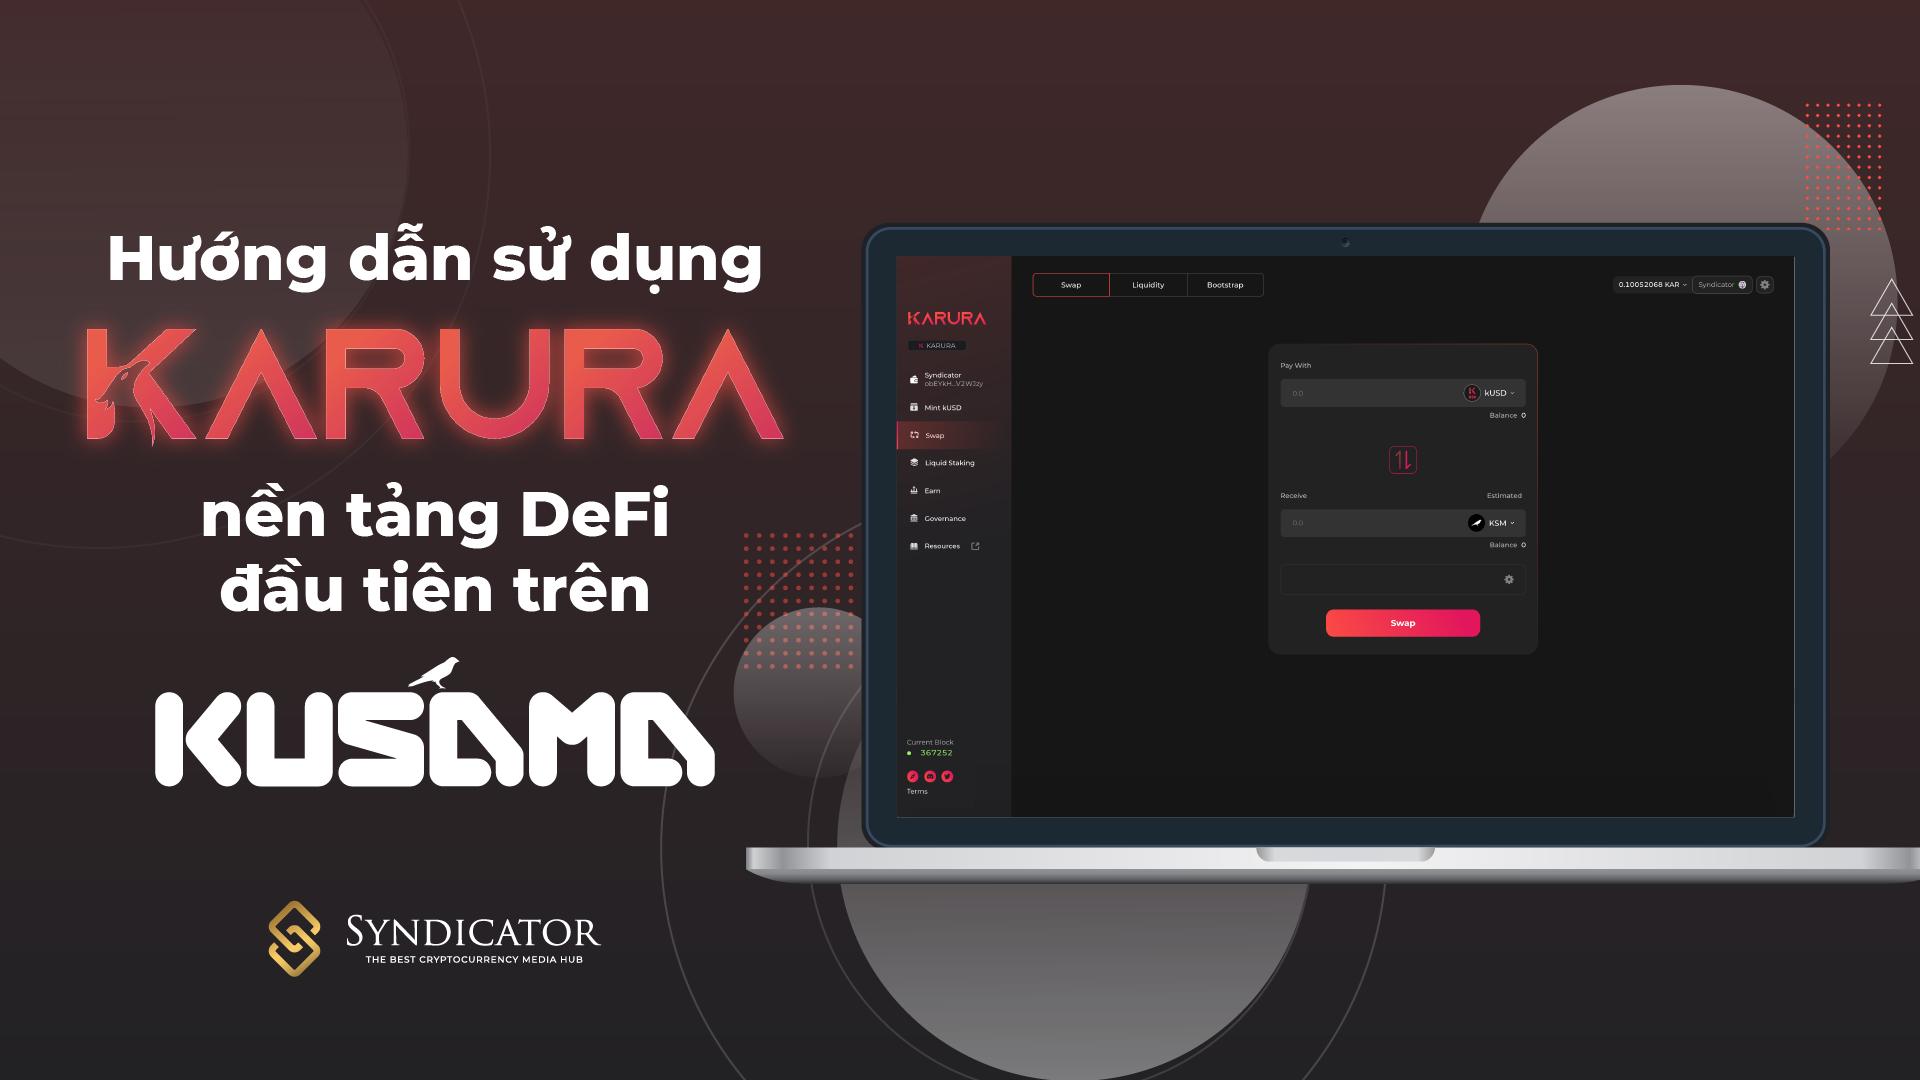 Hướng dẫn sử dụng Karura DEX - Nền tảng DeFi đầu tiên trên Kusama